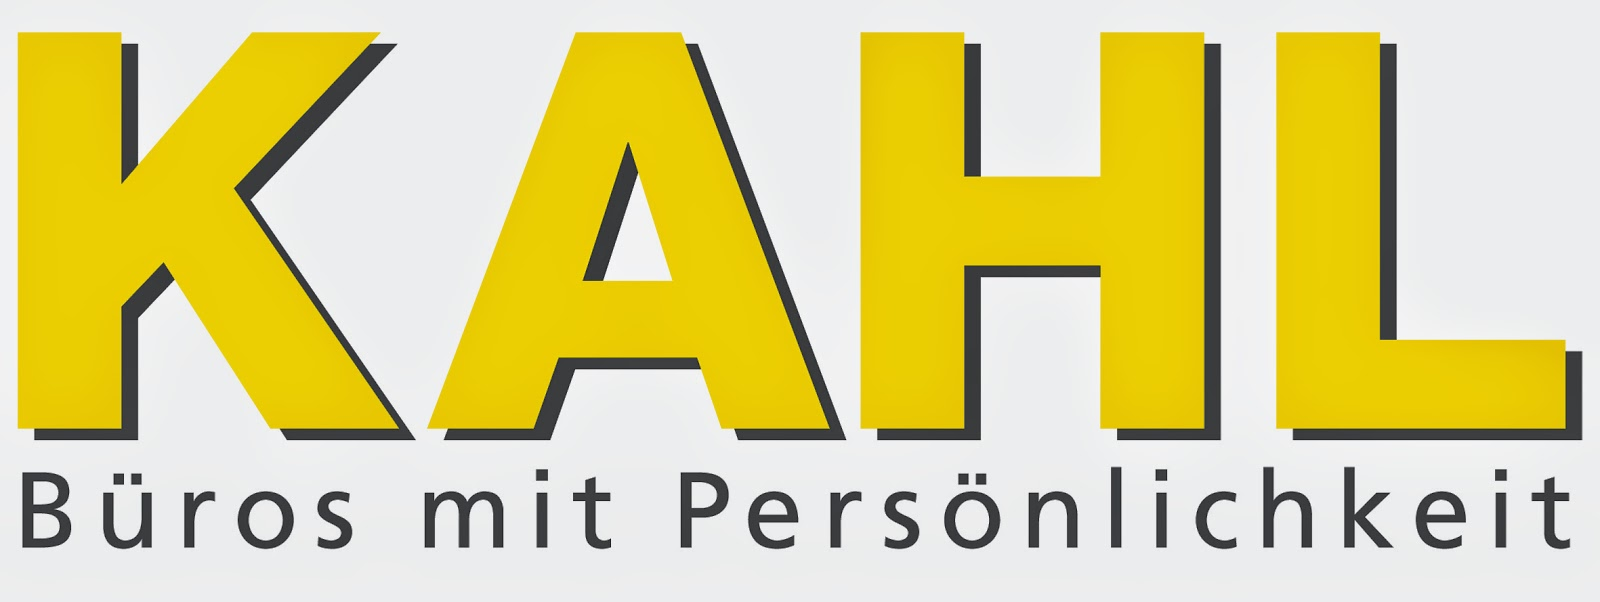 www.kahl.de